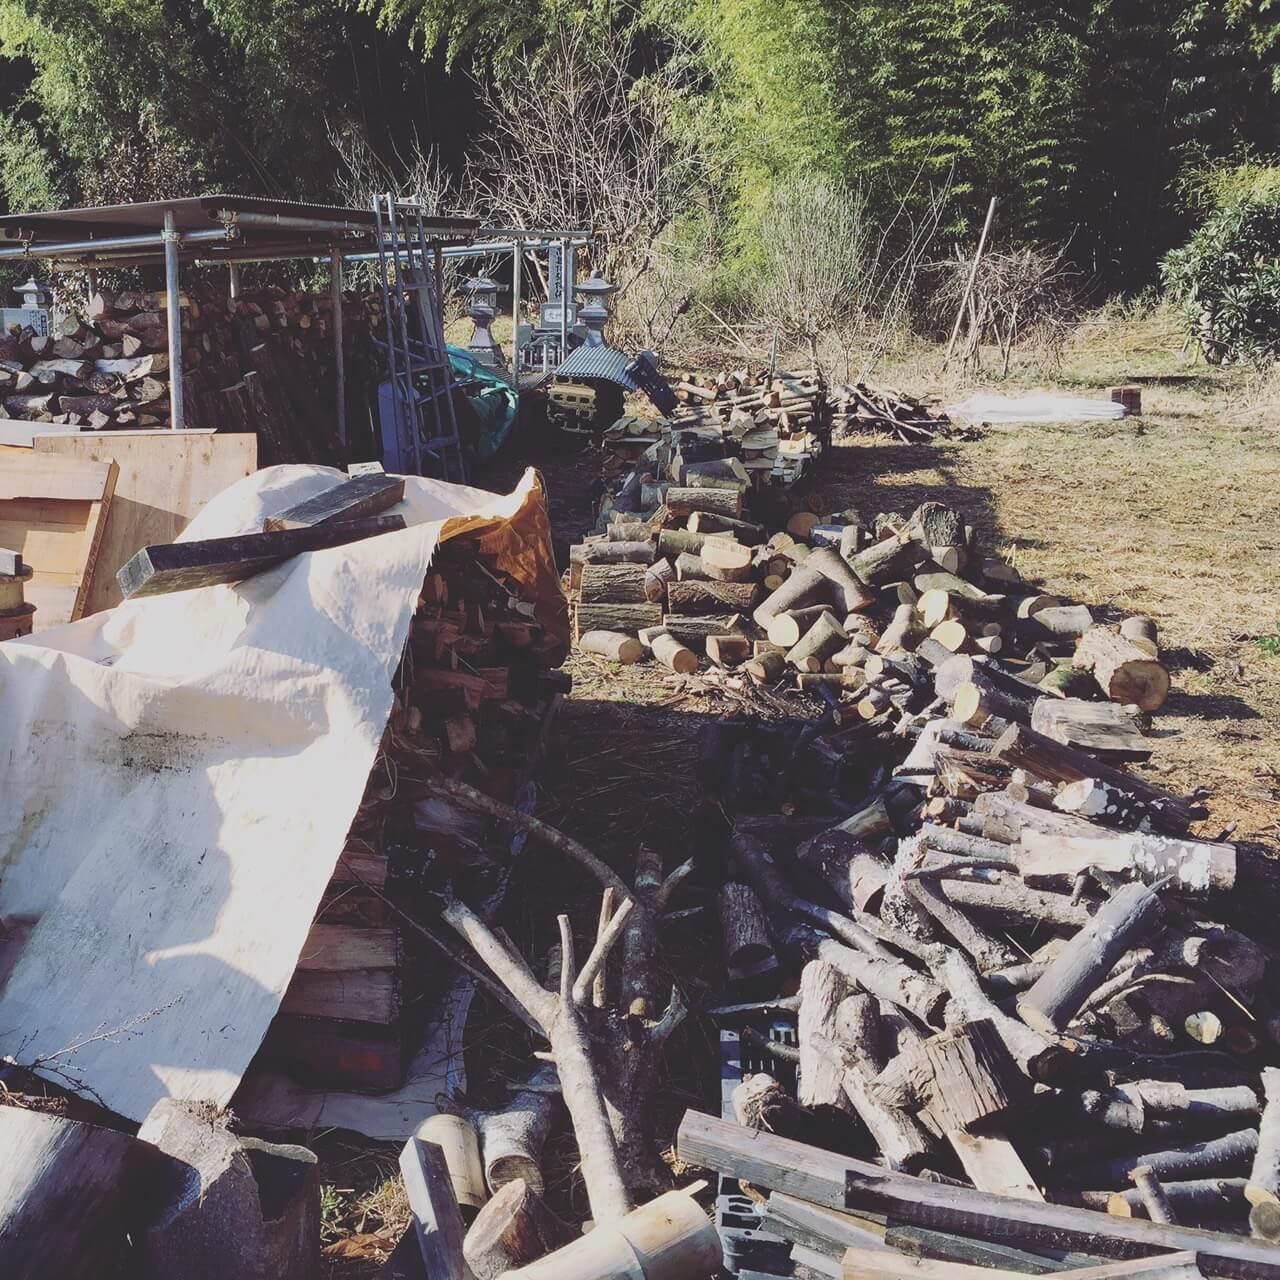 その名の通り宝の山!自伐林業は地方創生の武器か?